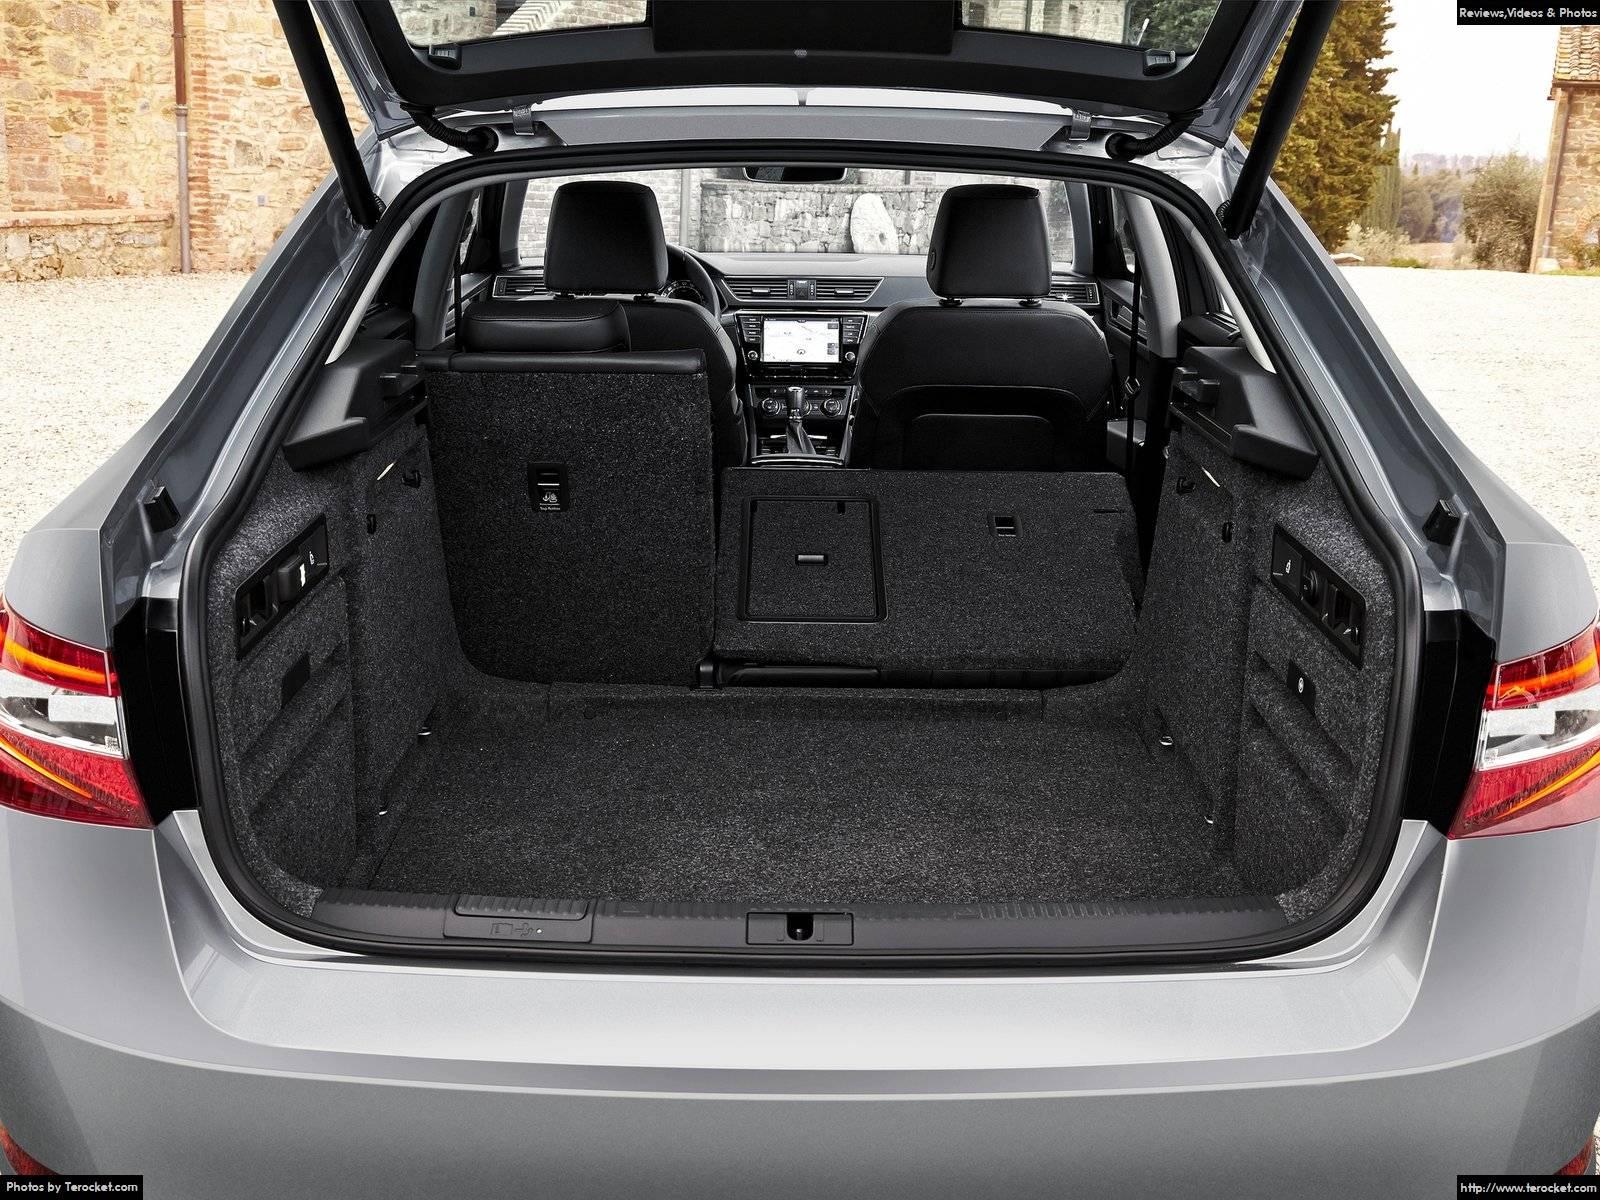 Hình ảnh xe ô tô Skoda Superb 2016 & nội ngoại thất